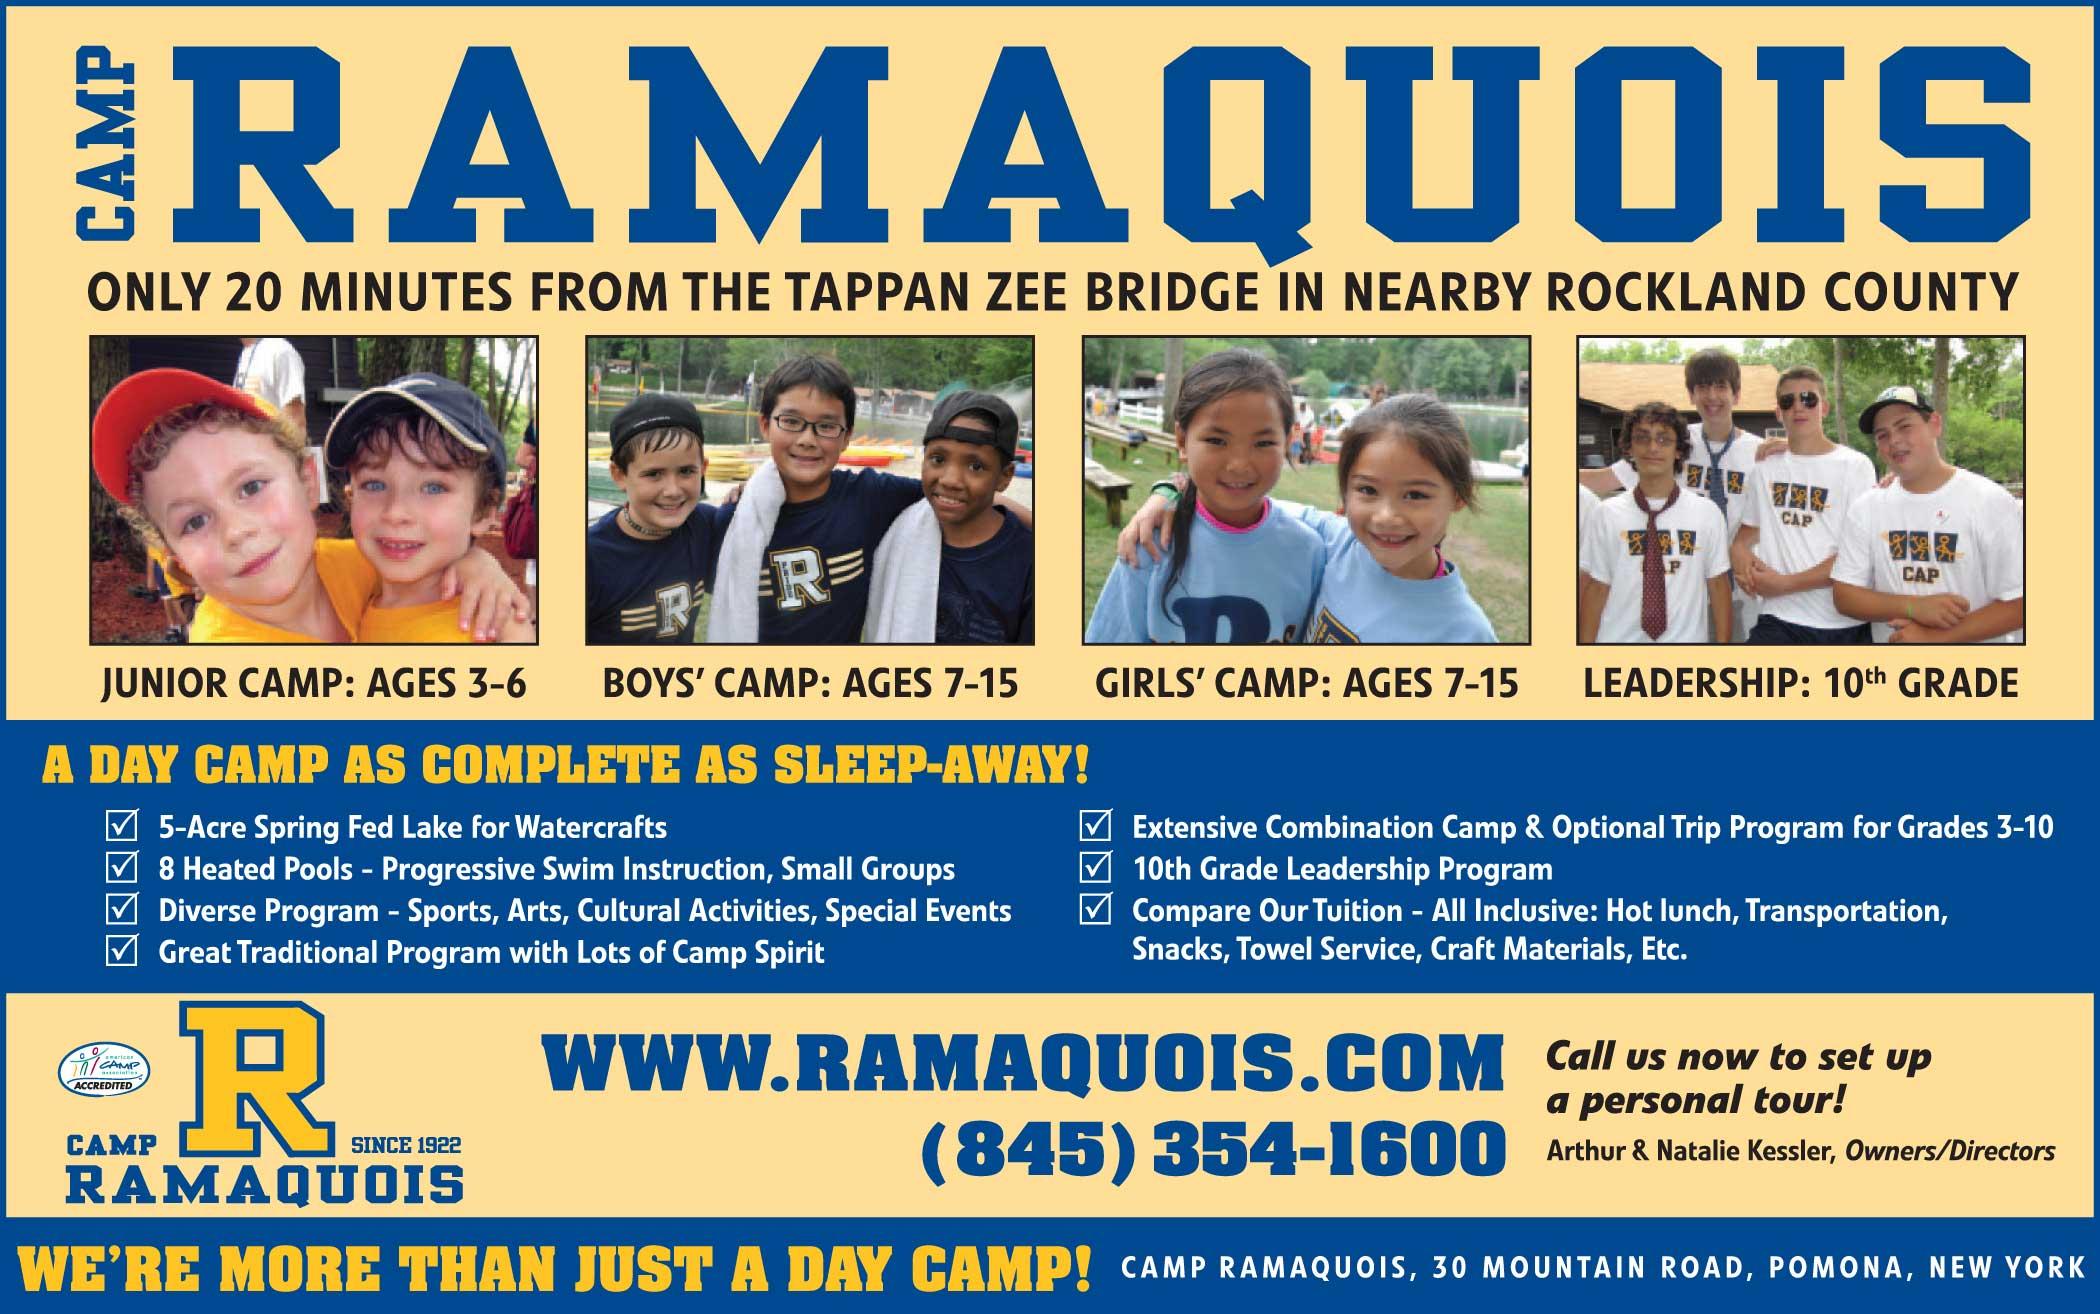 Camp Ramaquois